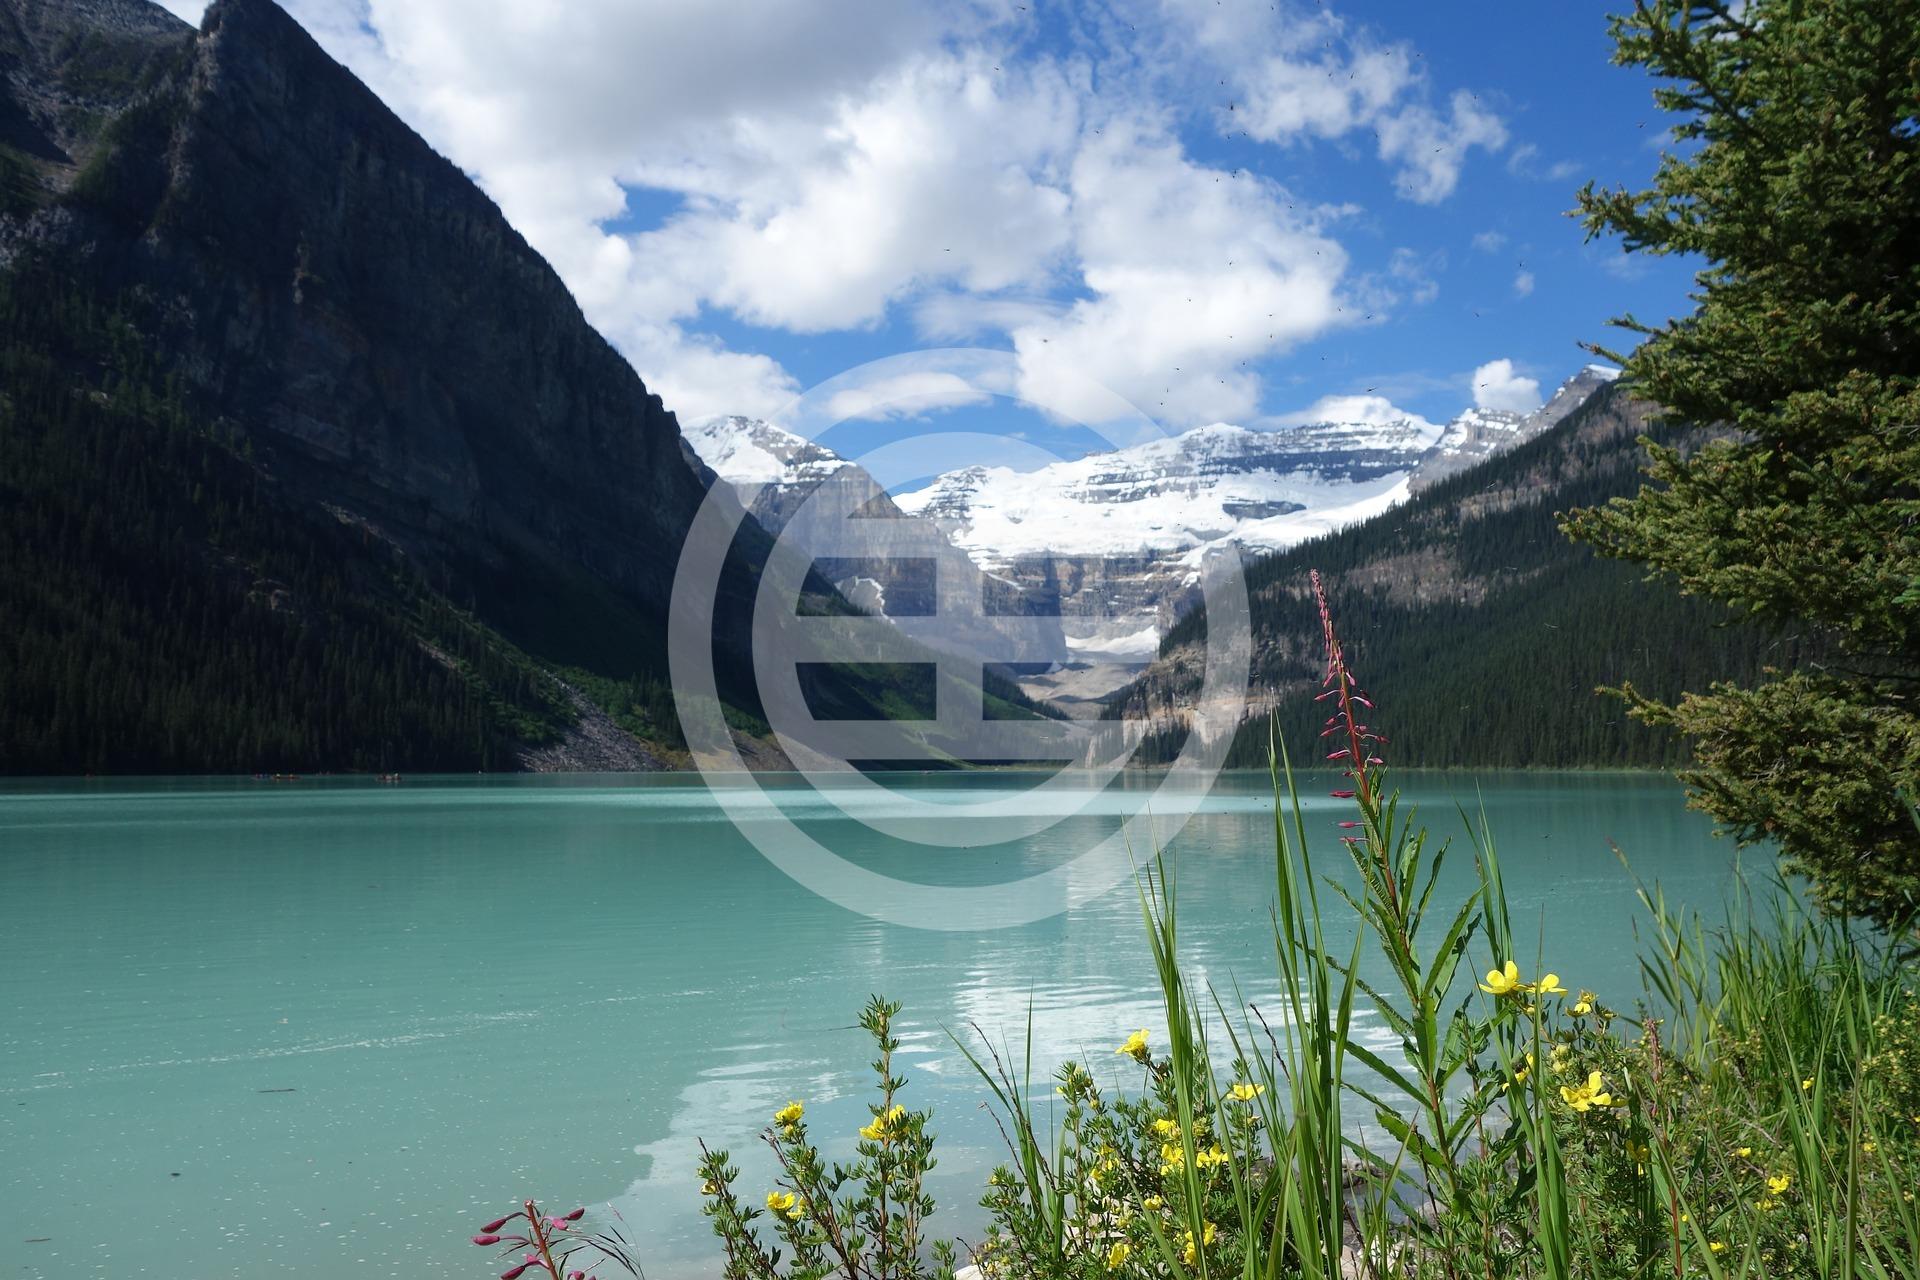 风景秀丽的路易斯湖(Lake Louise)是班夫(Banff)国家公园内的一个着名的旅游胜地,在卡尔加里以西180公里